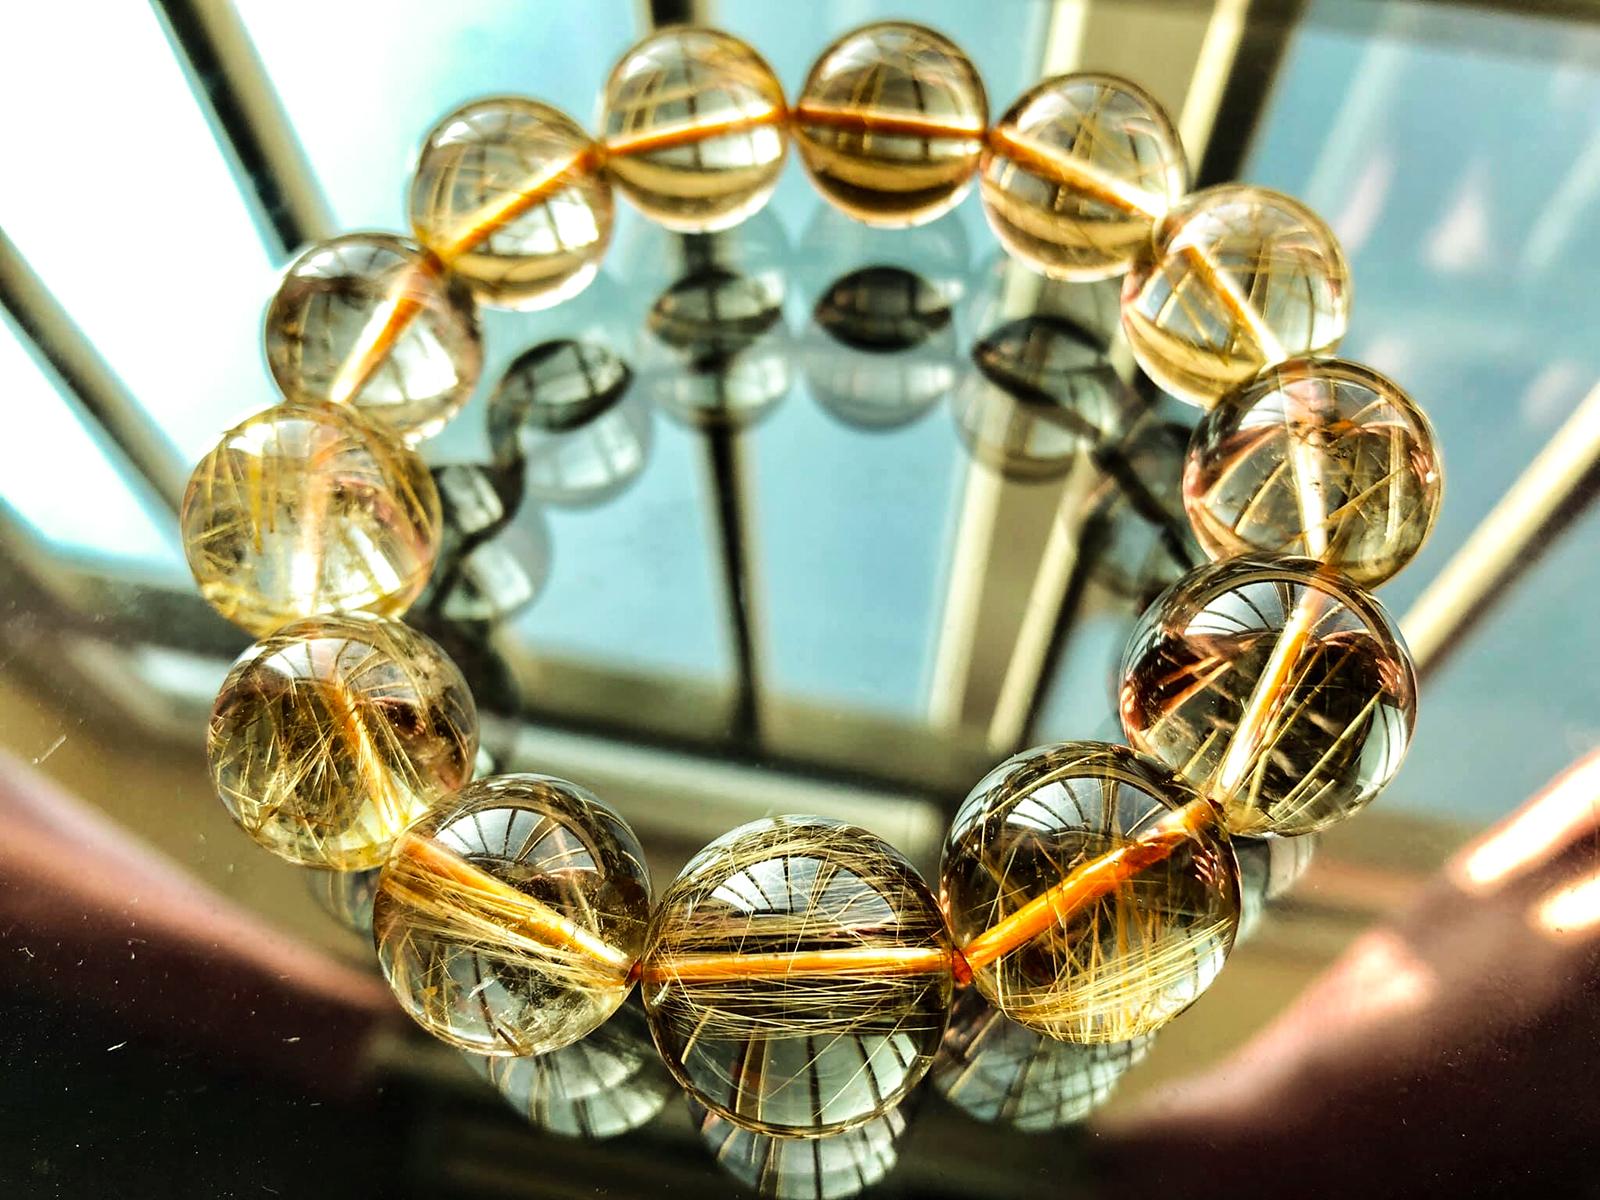 Thạch anh tóc vàng tích tụ nguồn năng lượng mạnh mẽ, mang lại may mắn và tài lộc cho người đeo